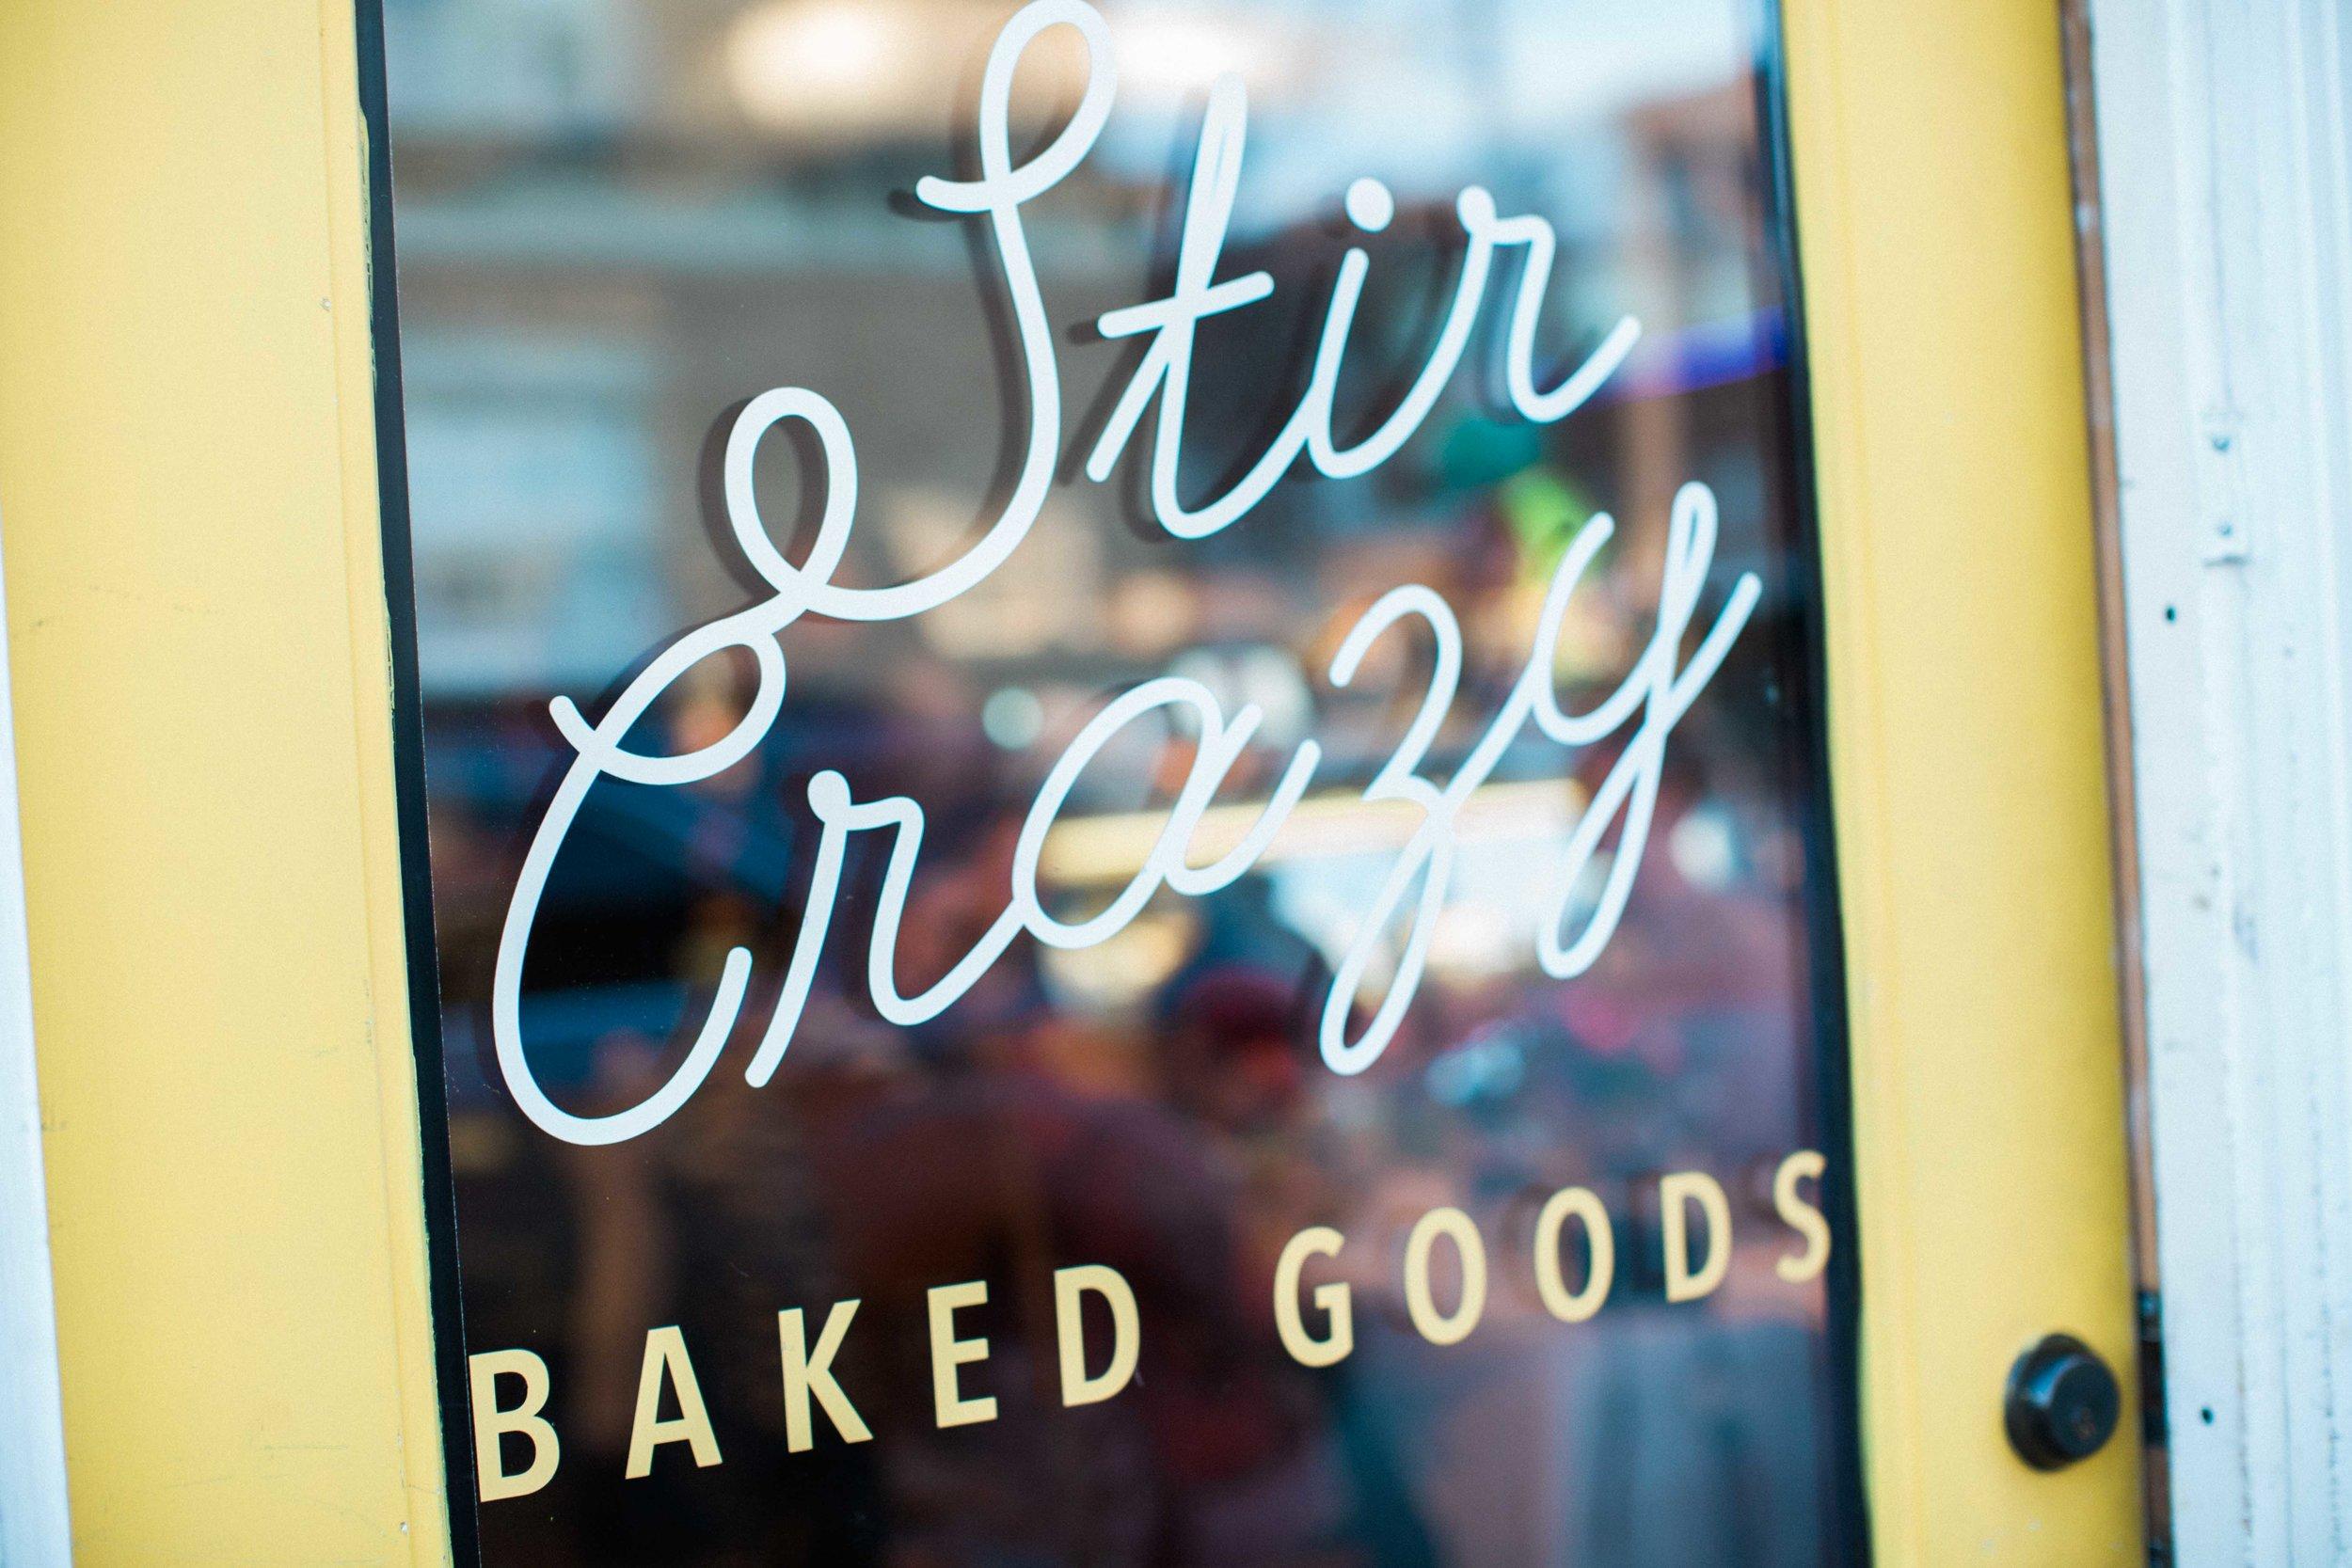 Photography Workshop at Stir Crazy Baked Goods 2-17-17 (68 of 116).jpg